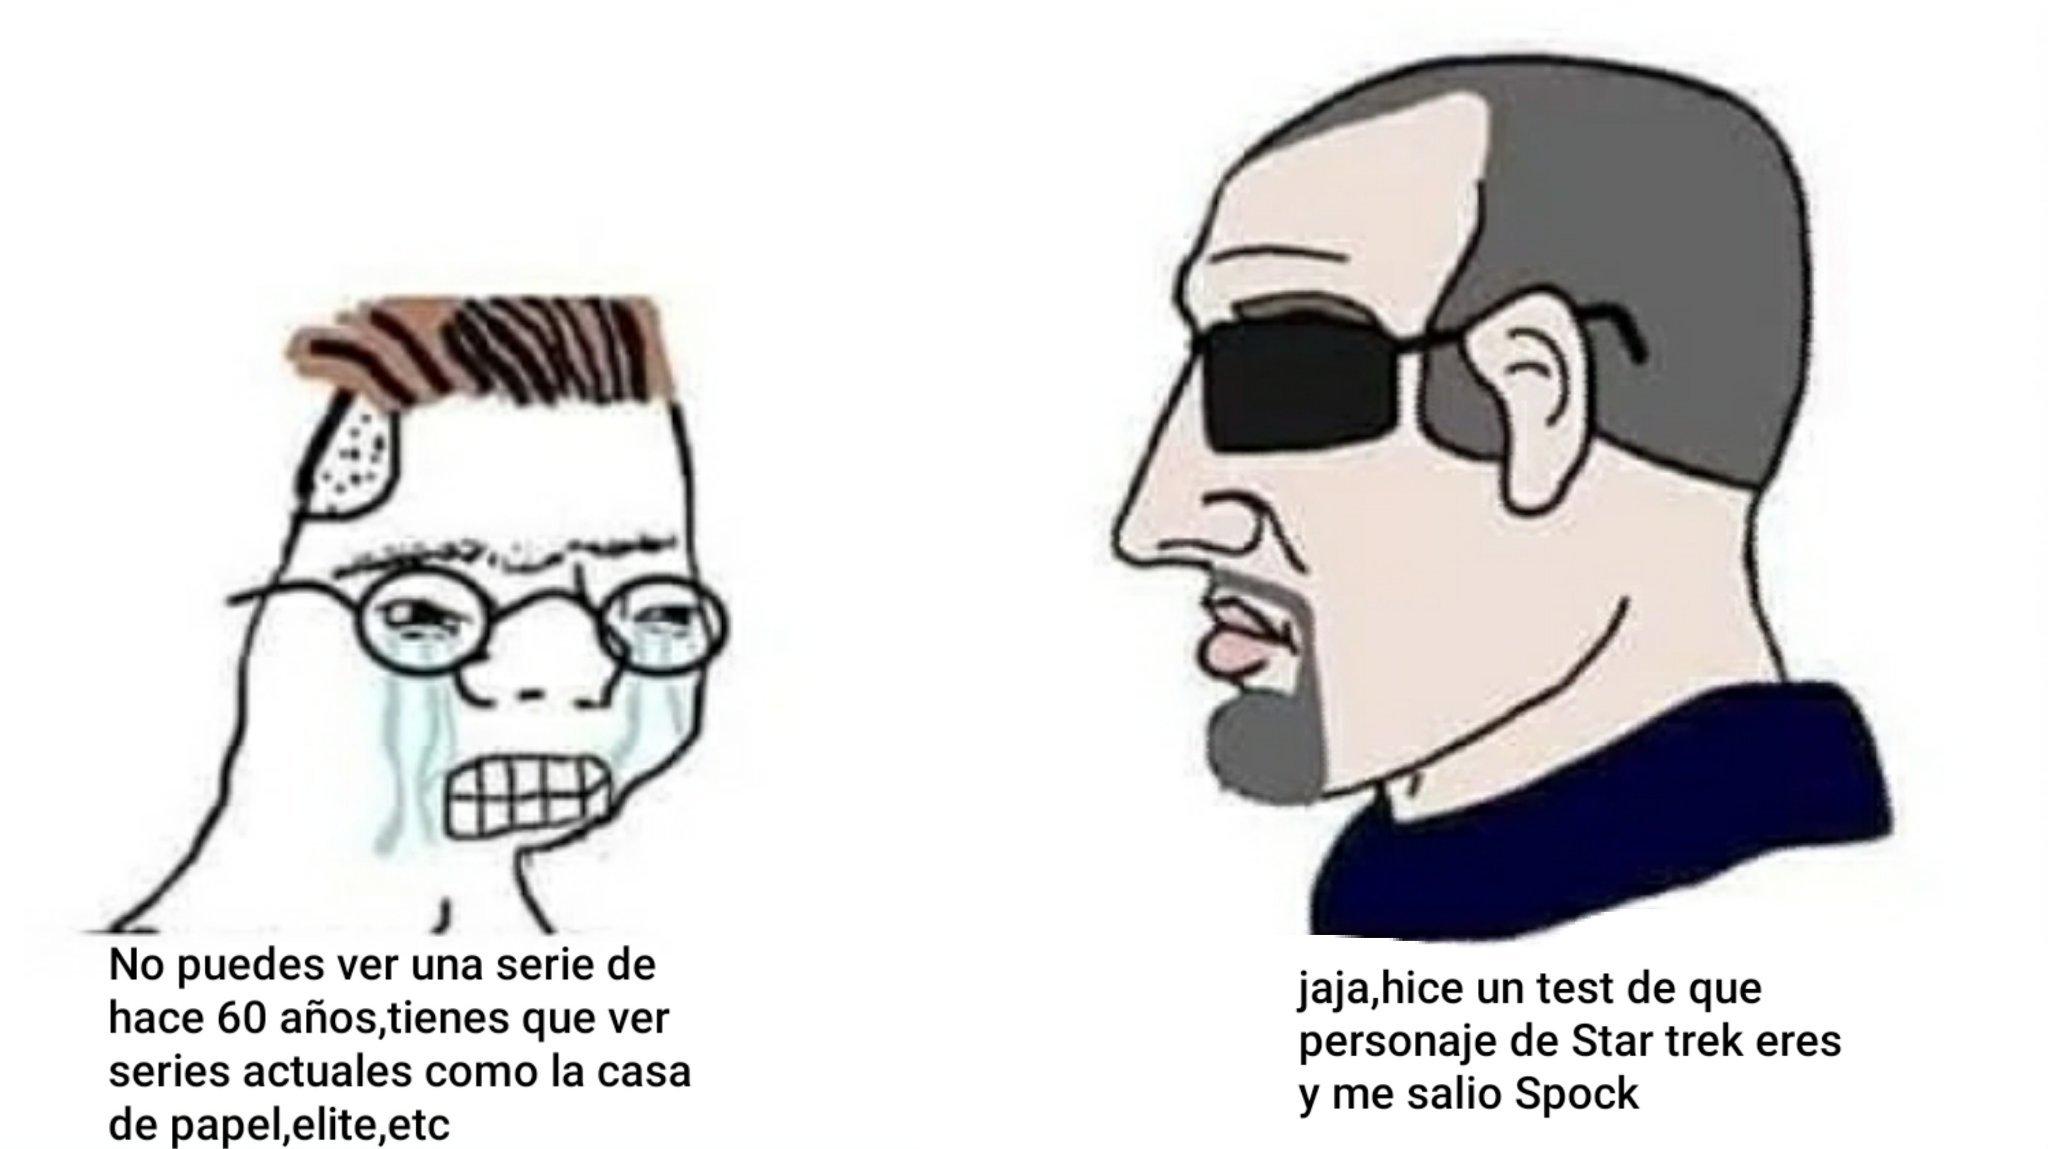 Star trek - meme